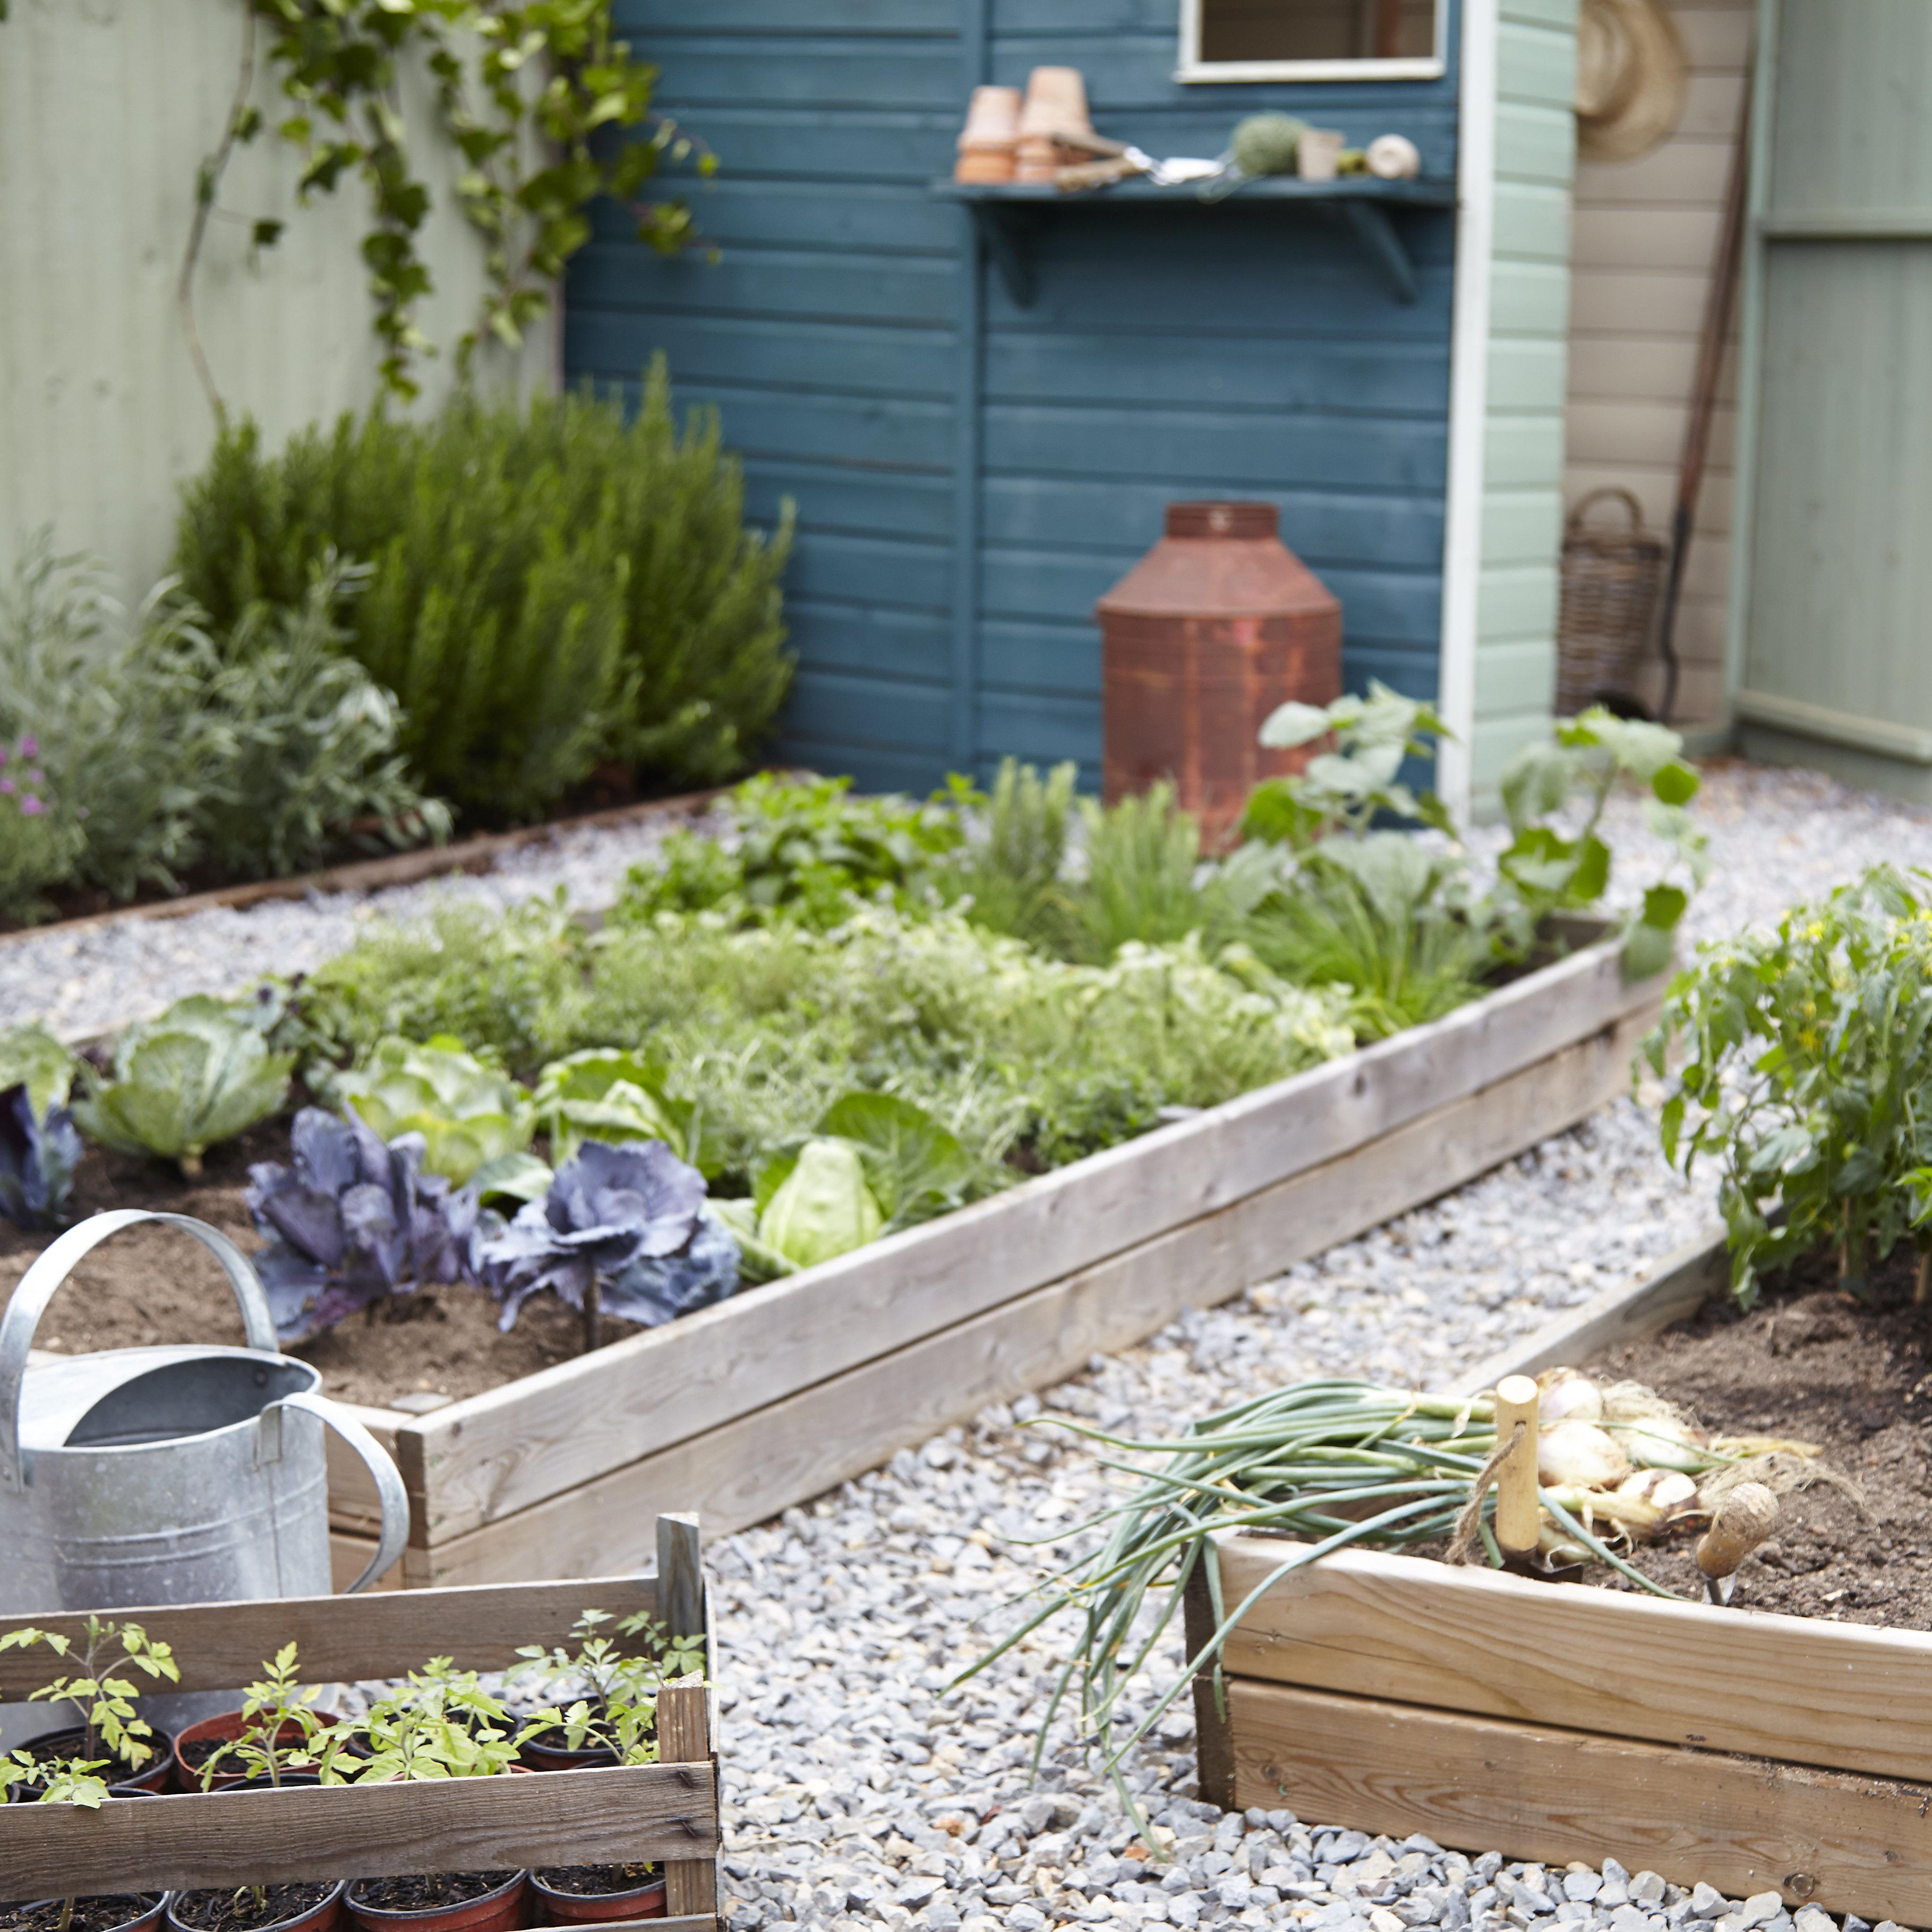 How To Design A Safe And Fun Family Garden